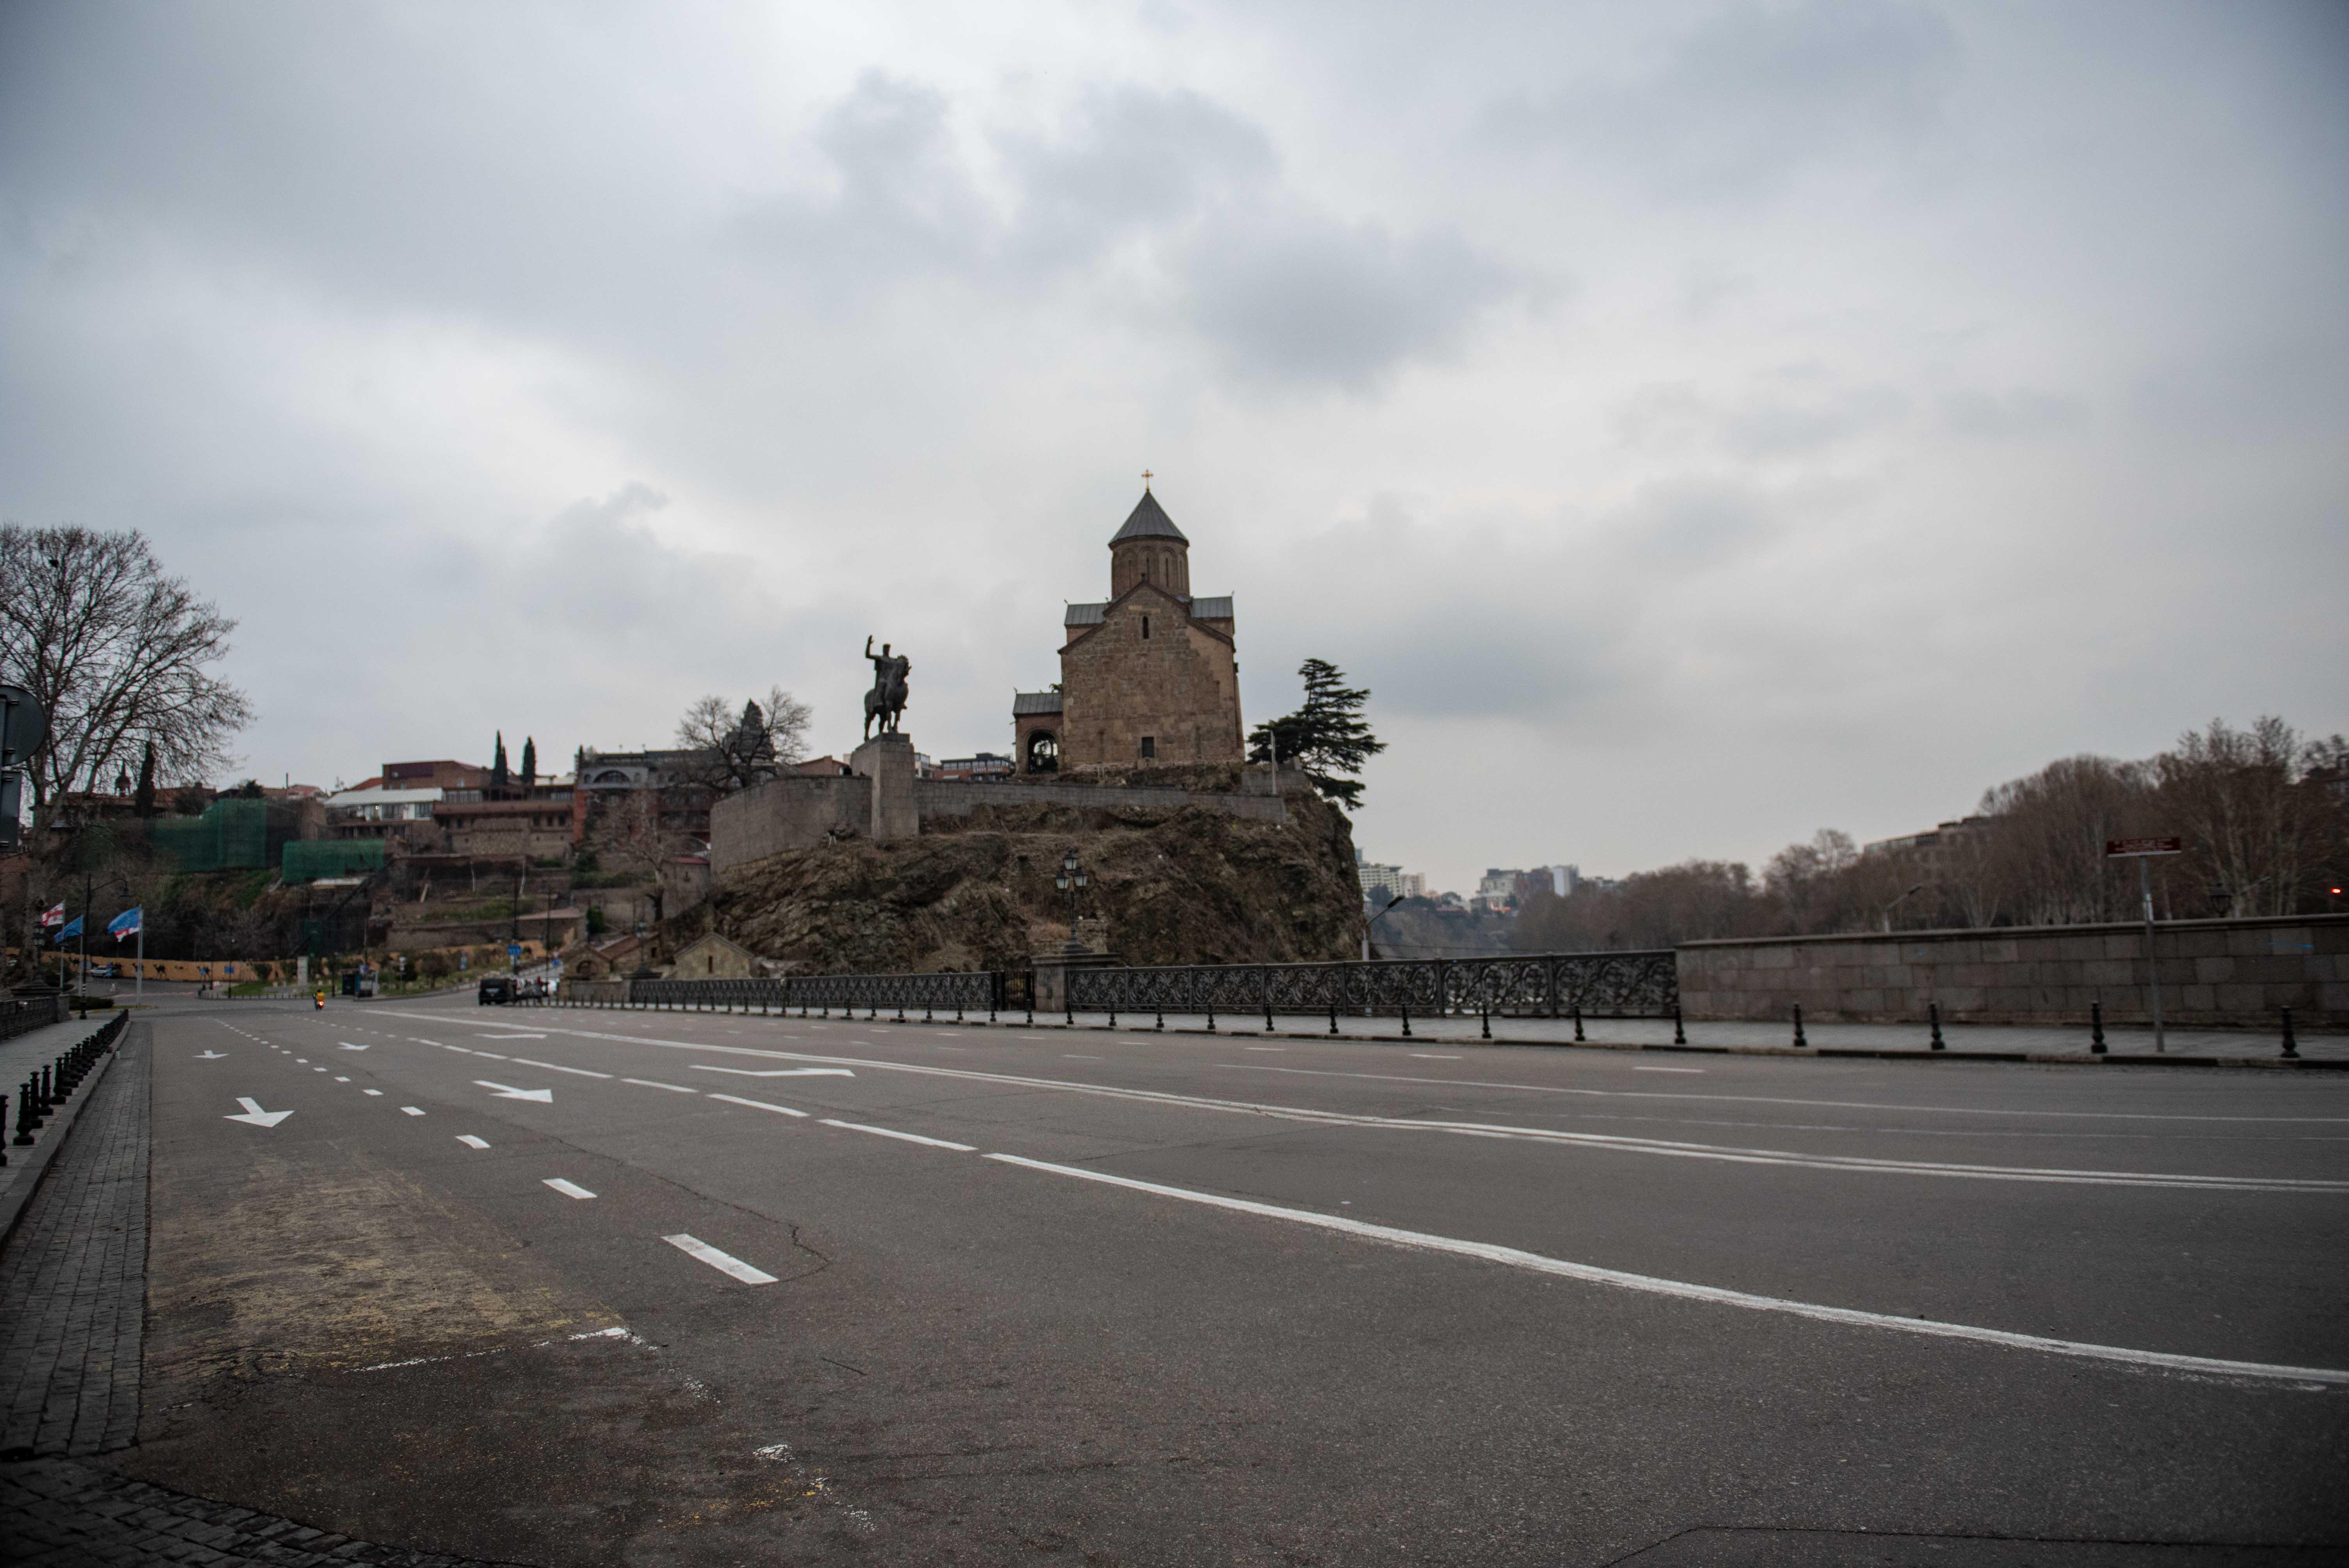 Туристические зоны тоже опустели. Это Метехский мост в историческом старом городе 21 марта. Фото: Мариам Никурадзе/OC Media.